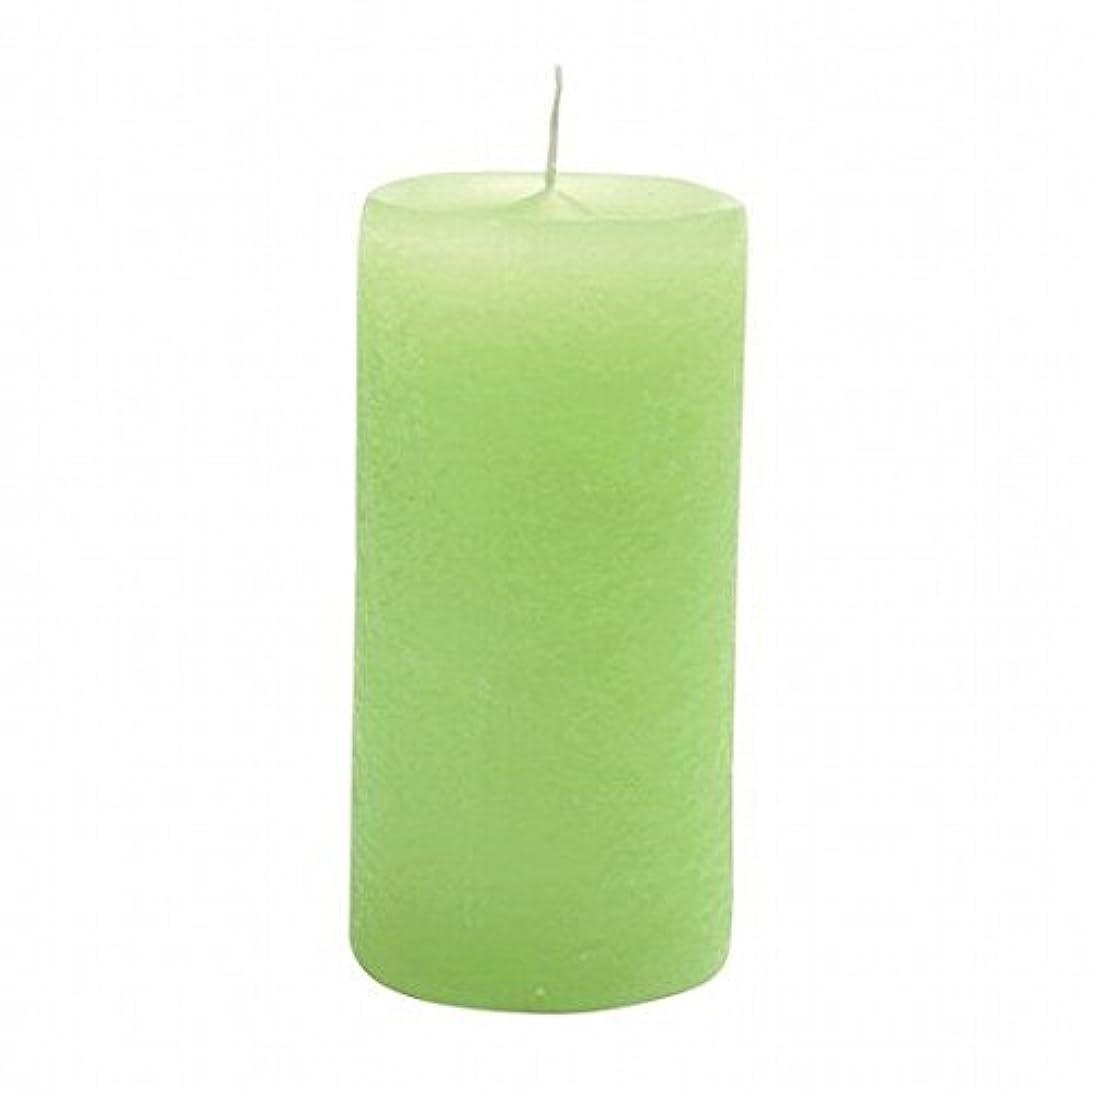 未満ファンタジー不変YANKEE CANDLE(ヤンキーキャンドル) ラスティクピラー50×100 「 ライトグリーン 」(A4930020LG)